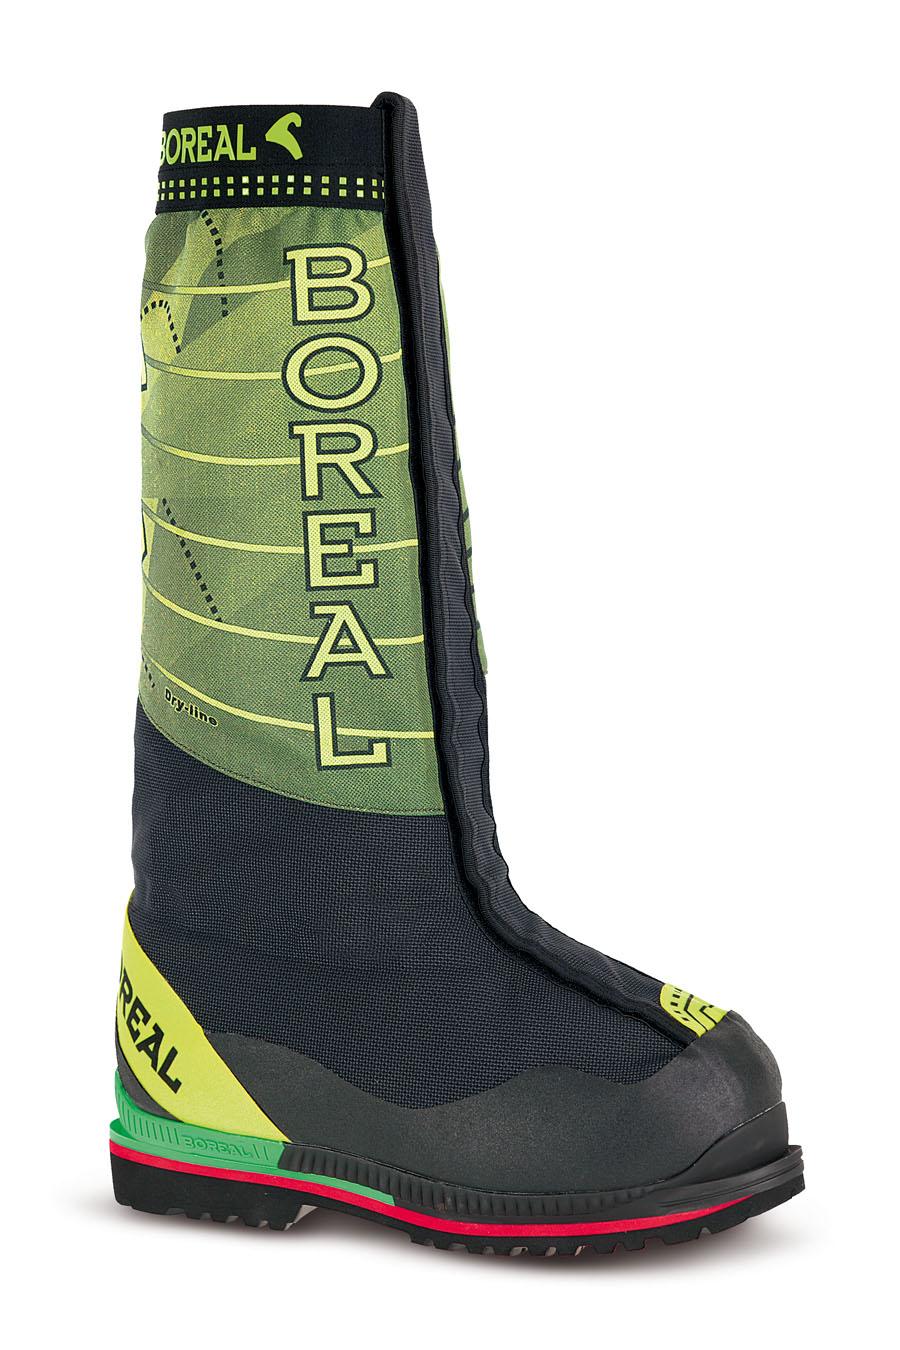 Ботинки Boreal G1-EXPE b47460Высотные альпинистские ботинки<br><br>Вентиляция стельки: Да<br>Вес пары размера 7 UK: 2920<br>Материал верха: износостойкий синтетический материал<br>Мембрана: Sympatex<br>Подошва: Vibram Teton<br>Пол: Унисекс<br>Промежуточная подошва: Boreal PBG-680<br>Рант для крепления &quot;кошек&quot;: Да<br>Режим эксплуатации: высотный альпинизм, экстремально холодные условия<br>Система виброгашения: Да<br>Система отвода влаги: Boreal Dry Line<br>Утеплитель: Thinsulate<br>Цельнокроеный верх: Нет